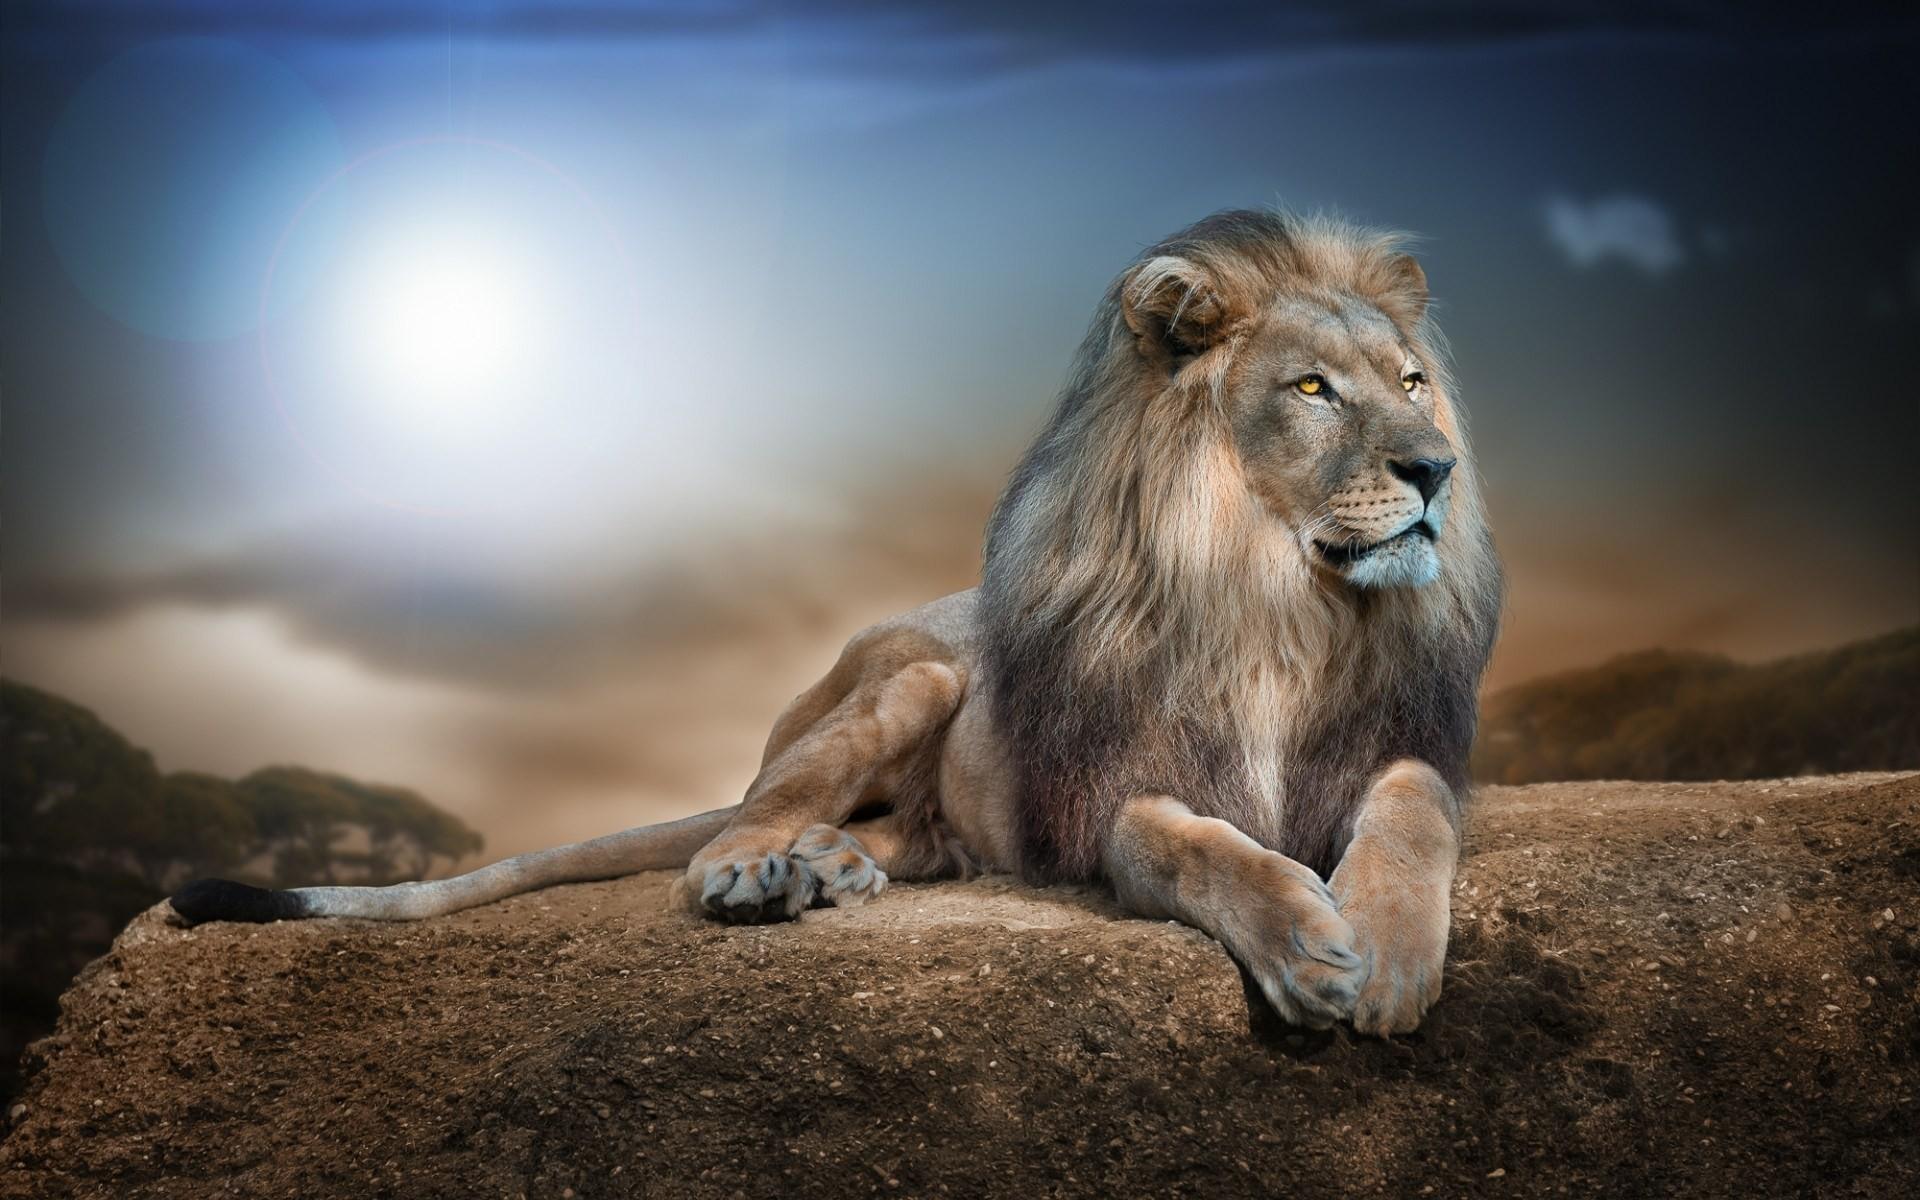 … Lion Wallpaper (15) …